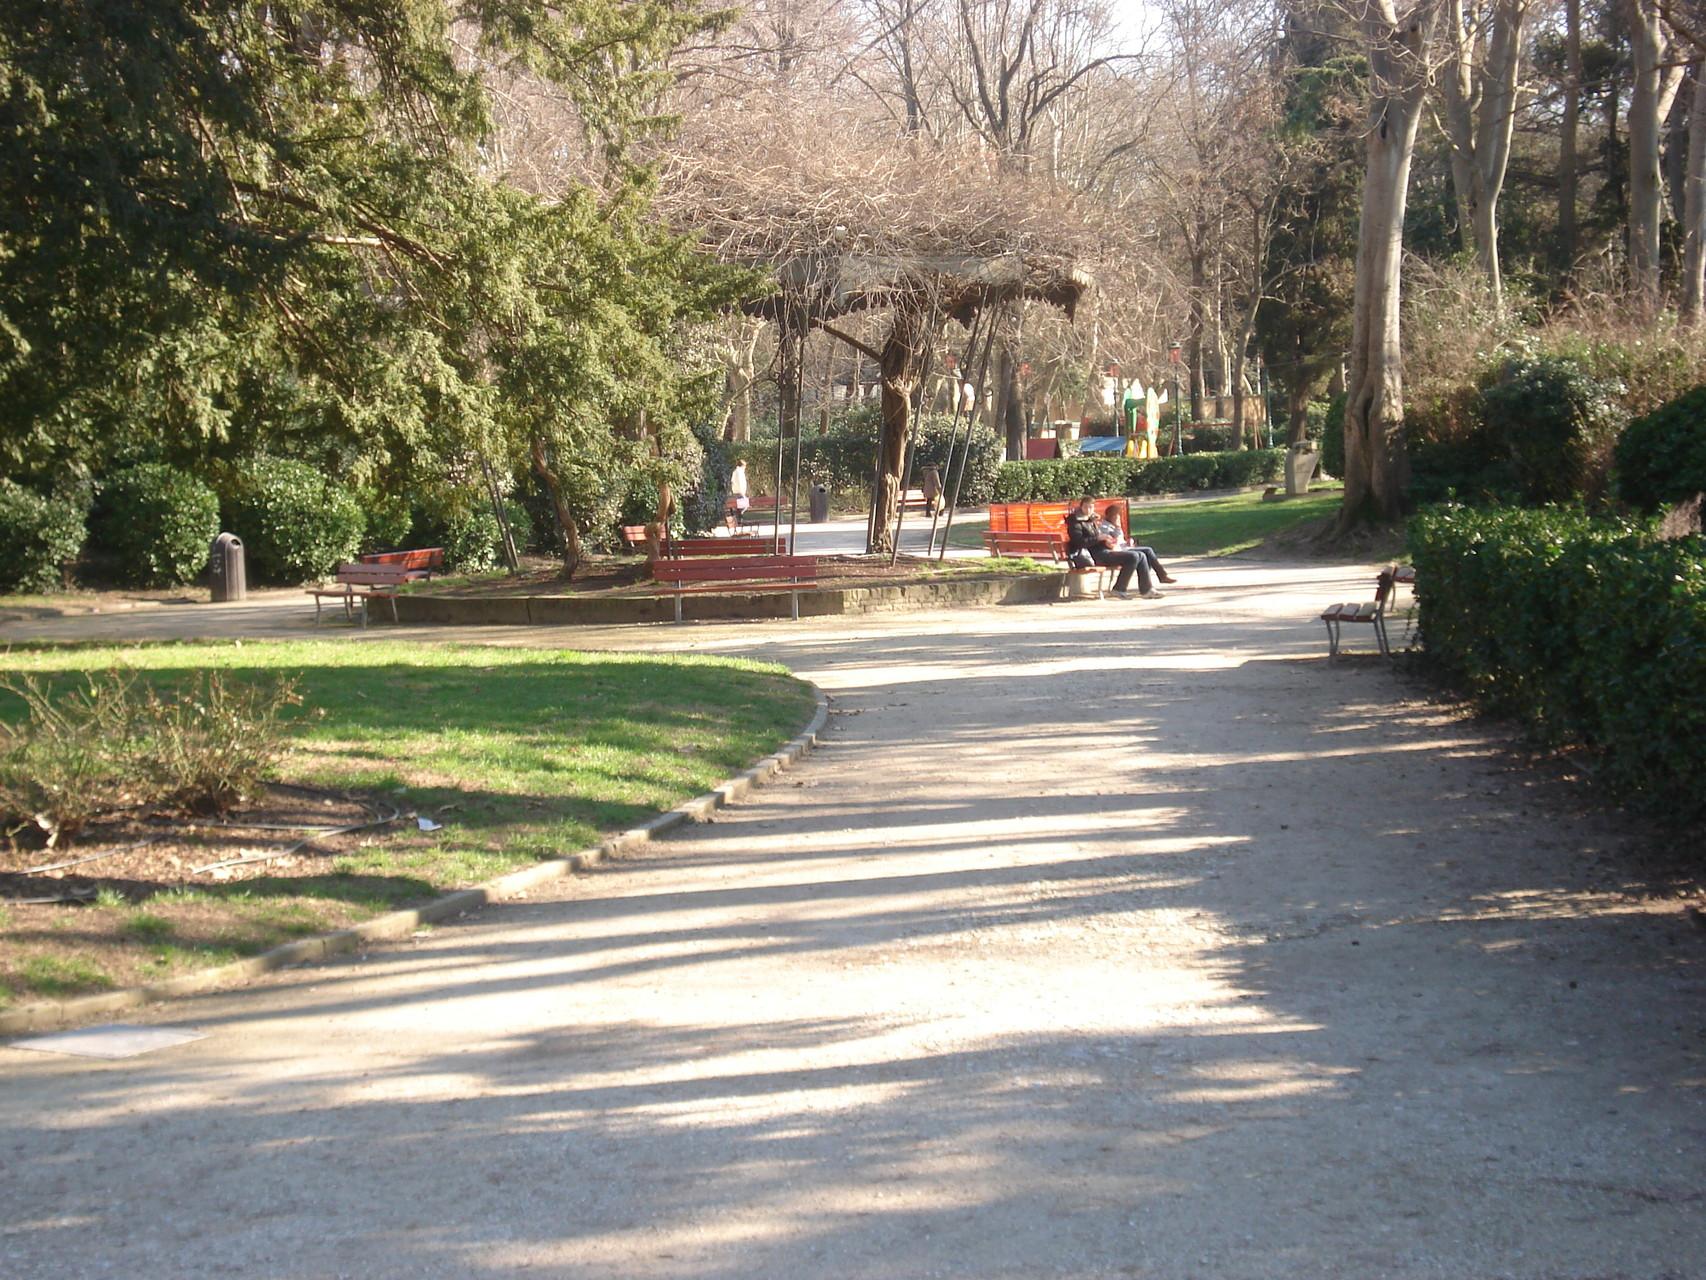 Giardini de la Biennale - 2 minutos a pie